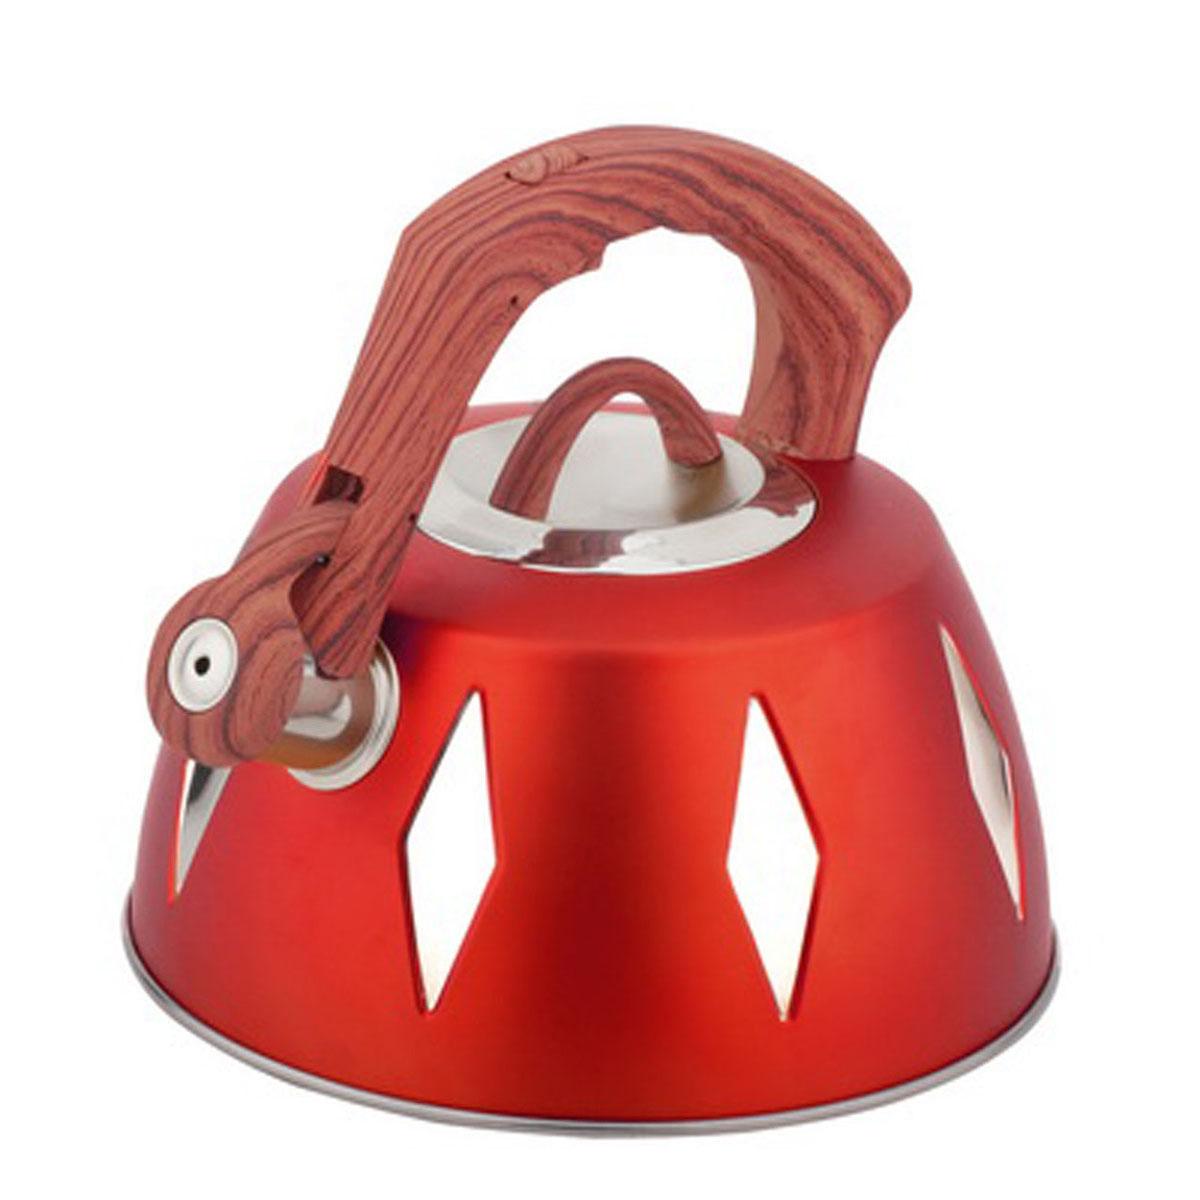 Чайник Bohmann со свистком, 3,5 л, цвет: красный68/5/4Чайник Bohmann изготовлен из высококачественной нержавеющей стали с цветным матовым покрытием. Нержавеющая сталь - материал, из которого в течение нескольких десятилетий во всем мире производятся столовые приборы, кухонные инструменты и различные аксессуары. Этот материал обладает высокой стойкостью к коррозии и кислотам. Прочность, долговечность и надежность этого материала, а также первоклассная обработка обеспечивают практически неограниченный запас прочности и неизменно привлекательный внешний вид. Капсульное дно позволяет изделию быстро нагреваться и дольше сохранять тепло. Чайник оснащен фиксированной прорезиненной цветной ручкой, что предотвращает появление ожогов и обеспечивает безопасность использования. Носик чайника имеет откидной свисток, который подскажет, когда вода закипела. Можно использовать на газовых, электрических, галогенных, стеклокерамических, индукционных плитах. Можно мыть в посудомоечной машине. Высота чайника (без учета ручки и крышки): 11,2 см. Высота чайника (с учетом ручки): 20 см. Диаметр основания чайника: 22,3 см. Диаметр чайника (по верхнему краю): 9,5 см.